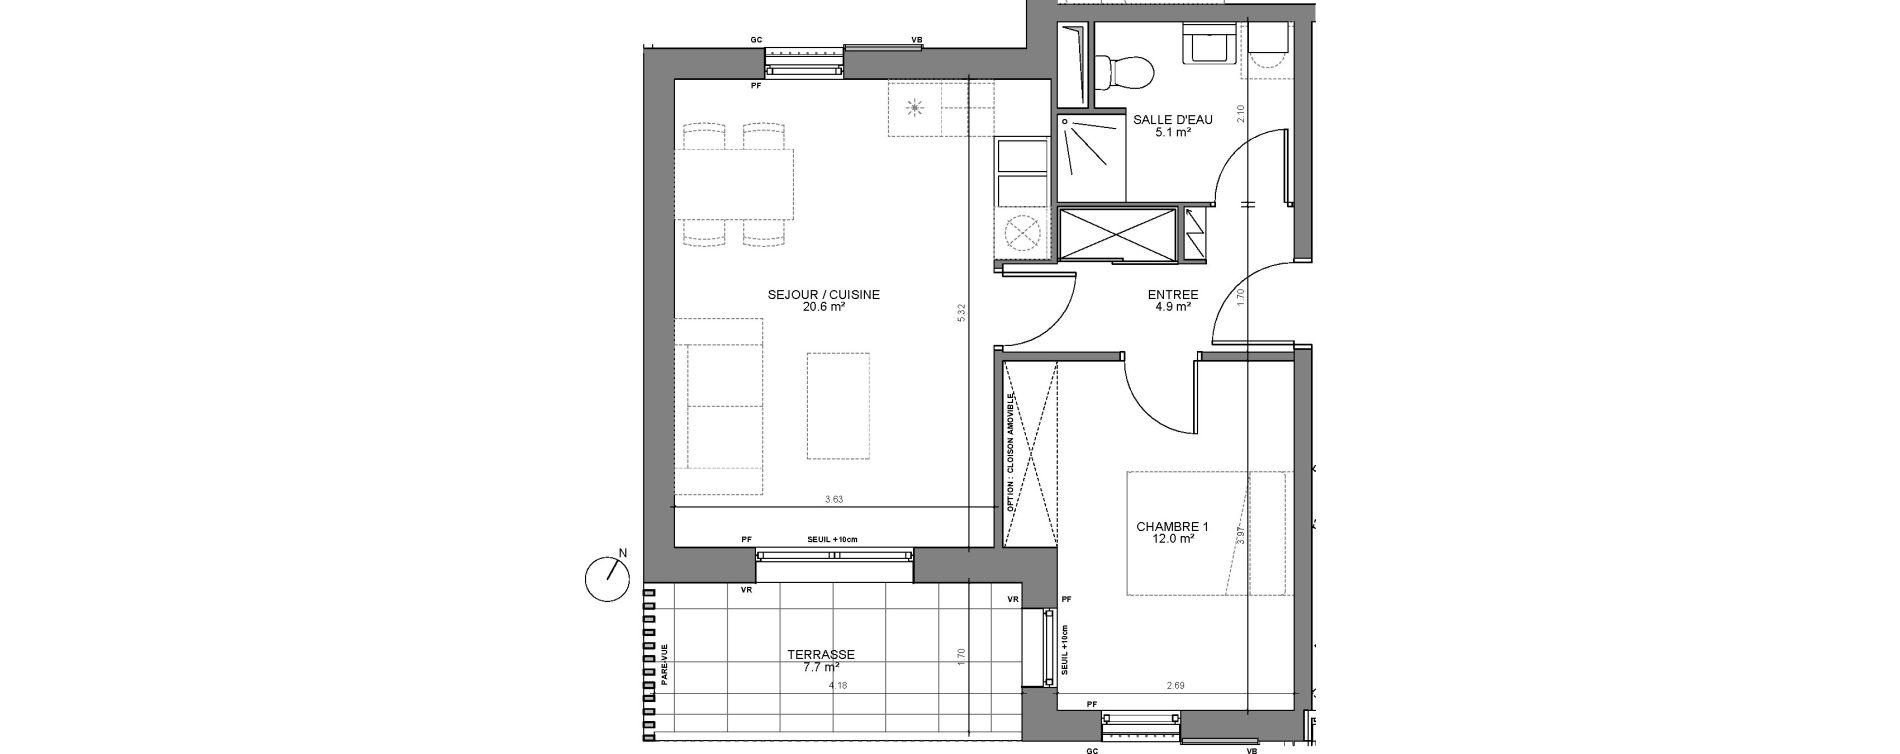 Appartement T2 de 42,60 m2 à Biganos Centre